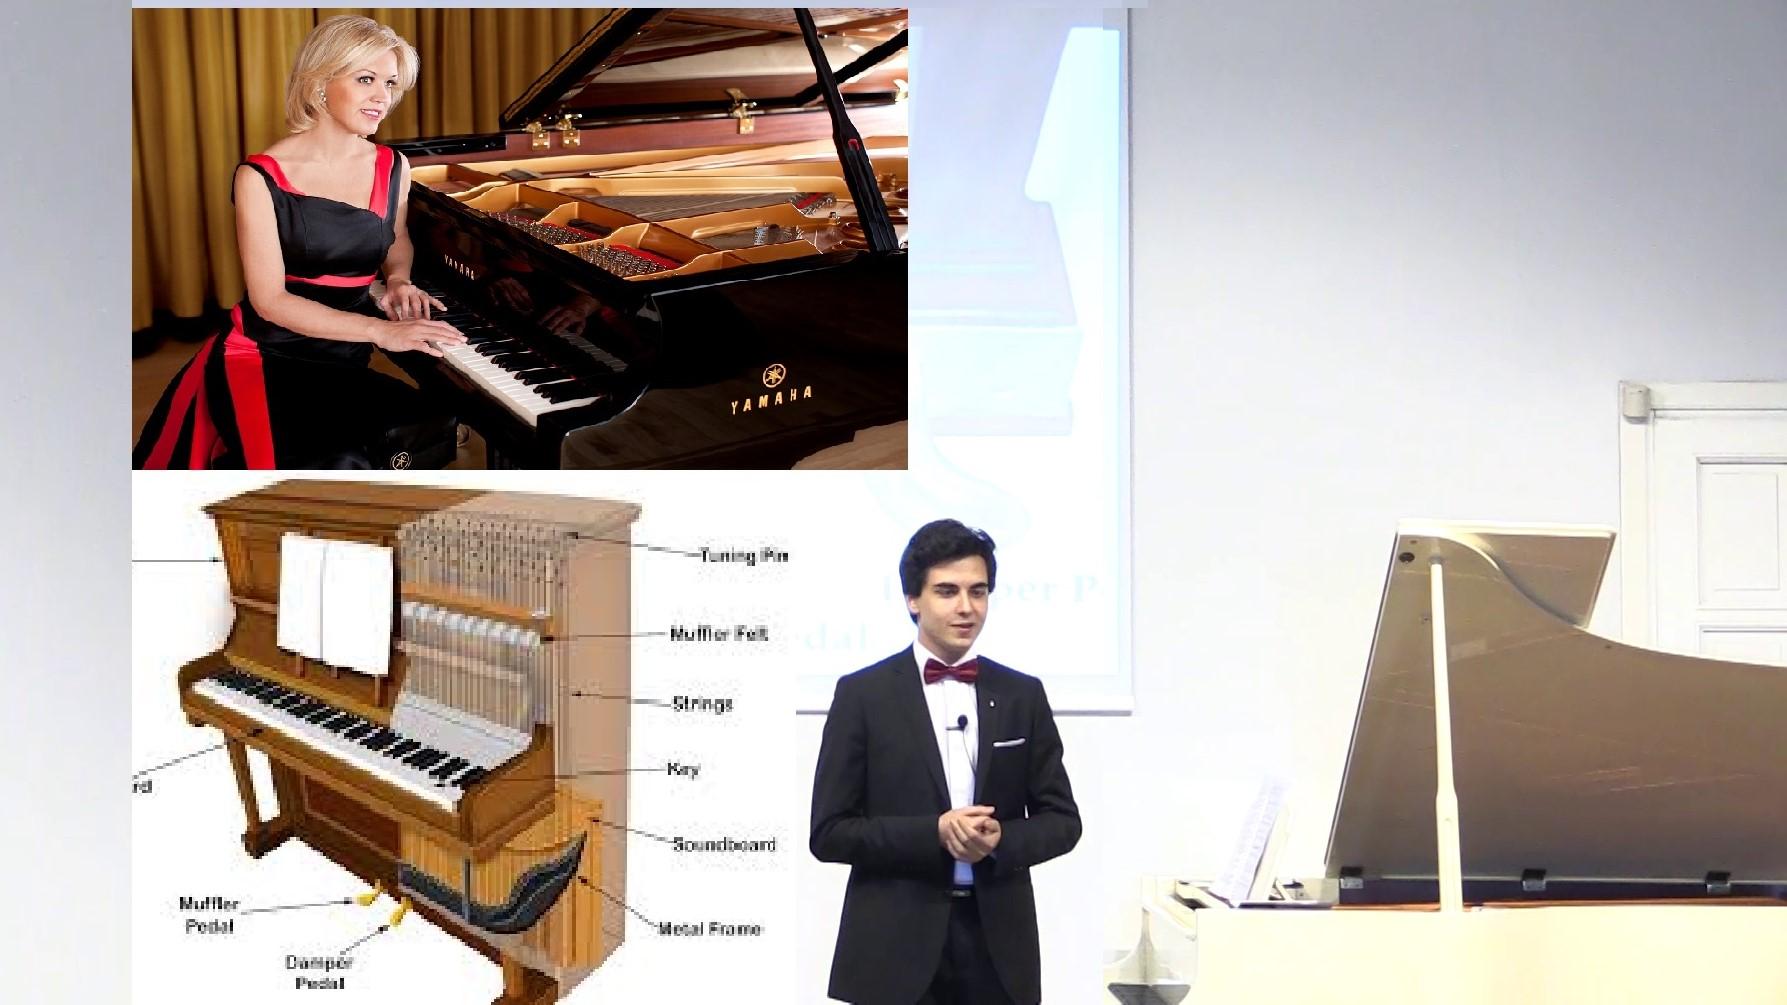 Piyano Ders 3 Tarihi Gelişimi Pedal Nedir. İlk Klavsen Piyanolar Tarihçe Nasıl Çeşitleri Görevi Klavye Okulu Dersi Önemli Pratik Bilgi Videosu Güneş Yakartepe